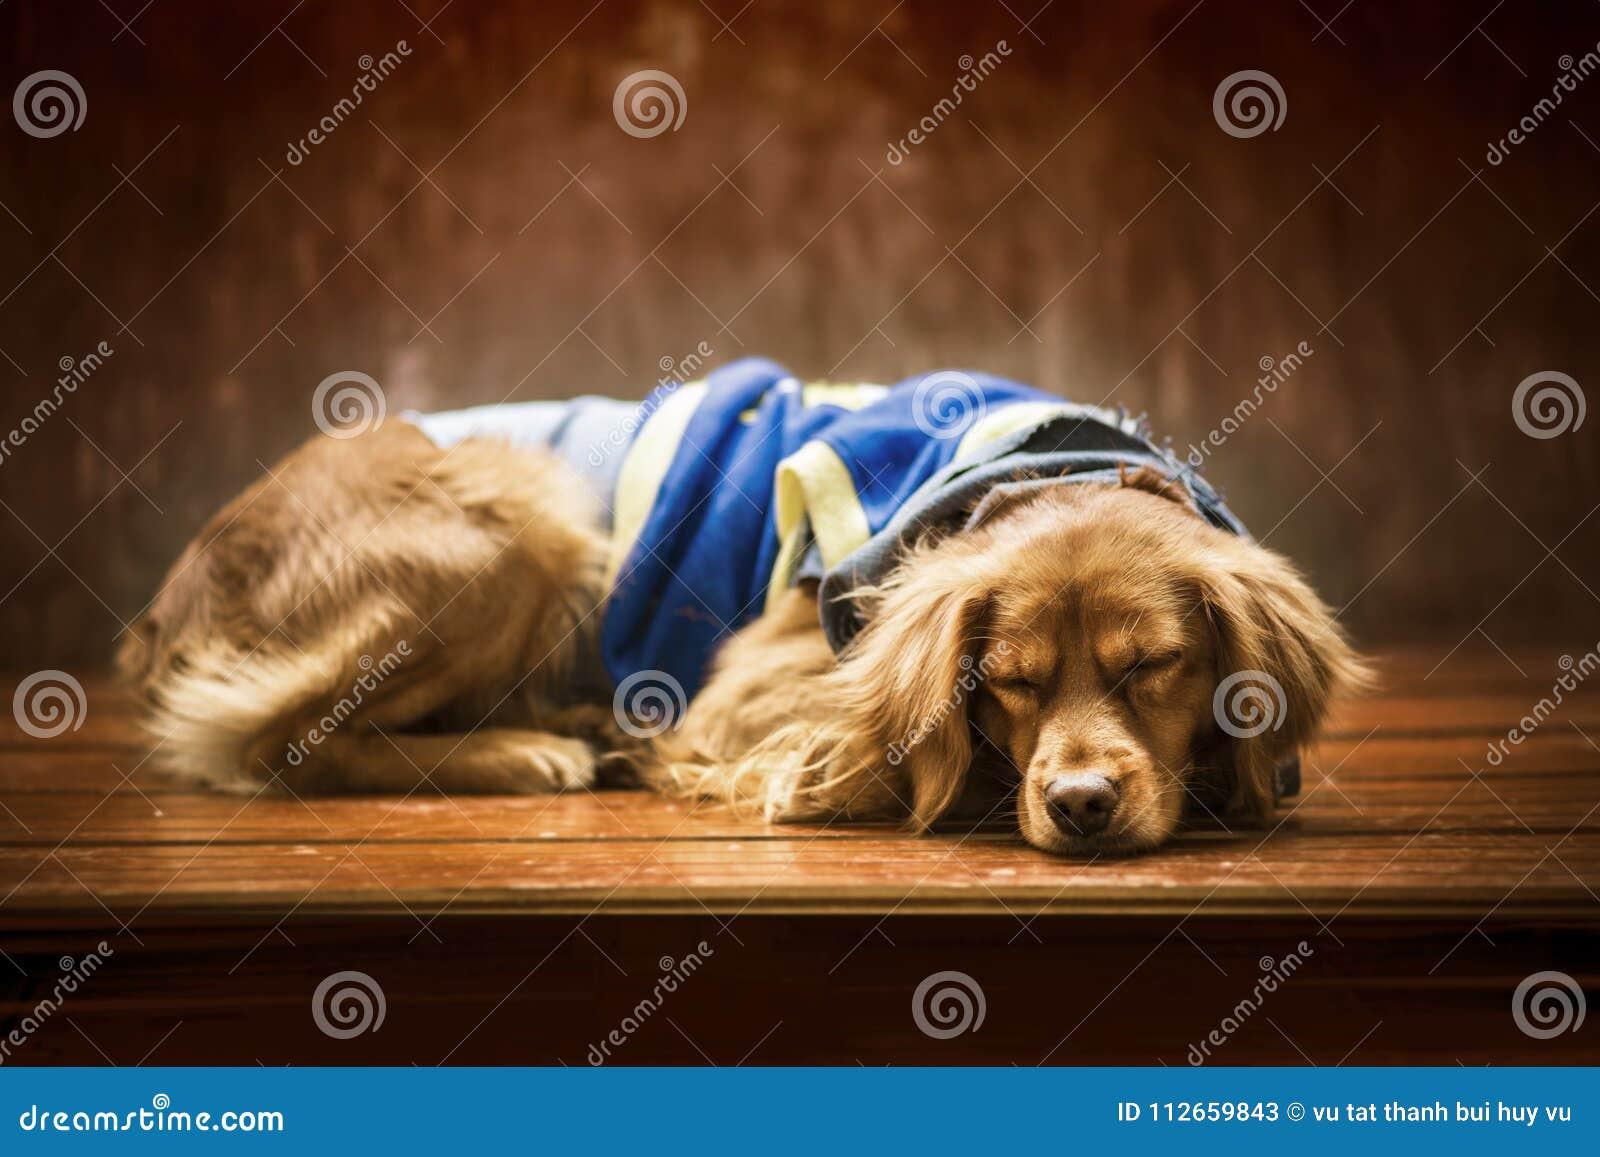 El perrito está durmiendo en el invierno del sol muy lindo y precioso